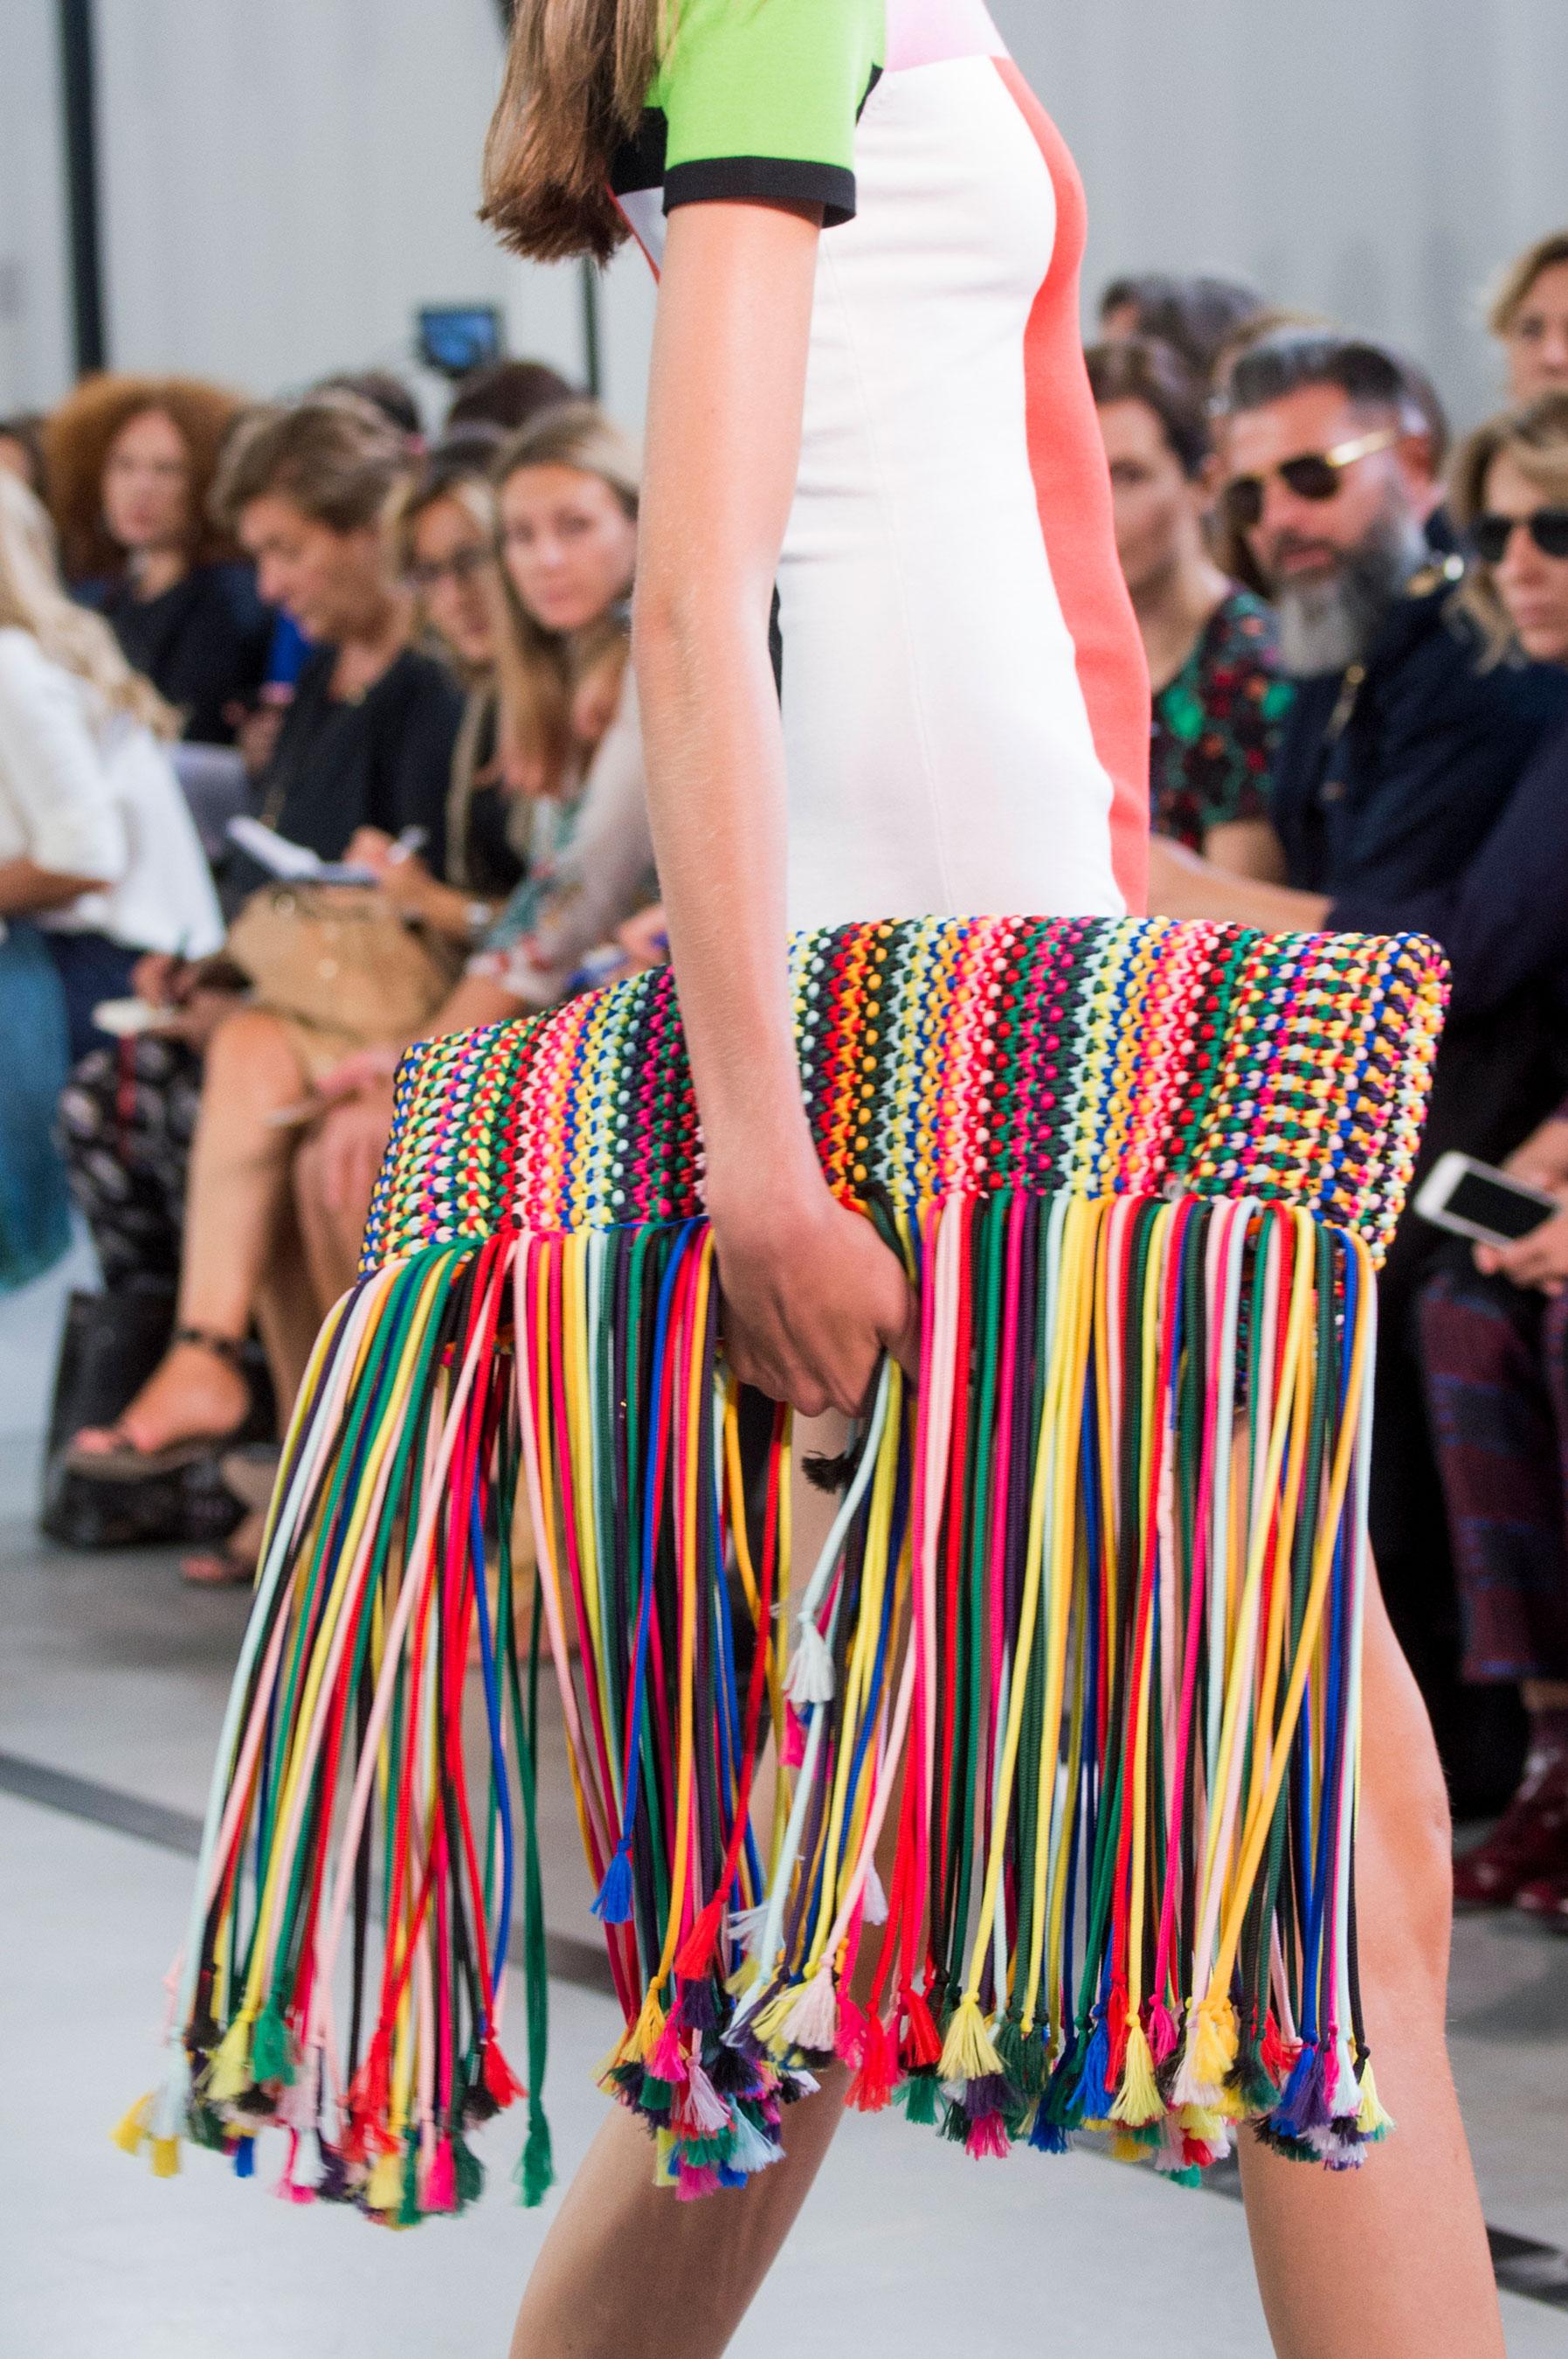 Pucci sugiere el uso de carteras sobre mucho más grandes y llamativas. (The Fashion Group Foundation)